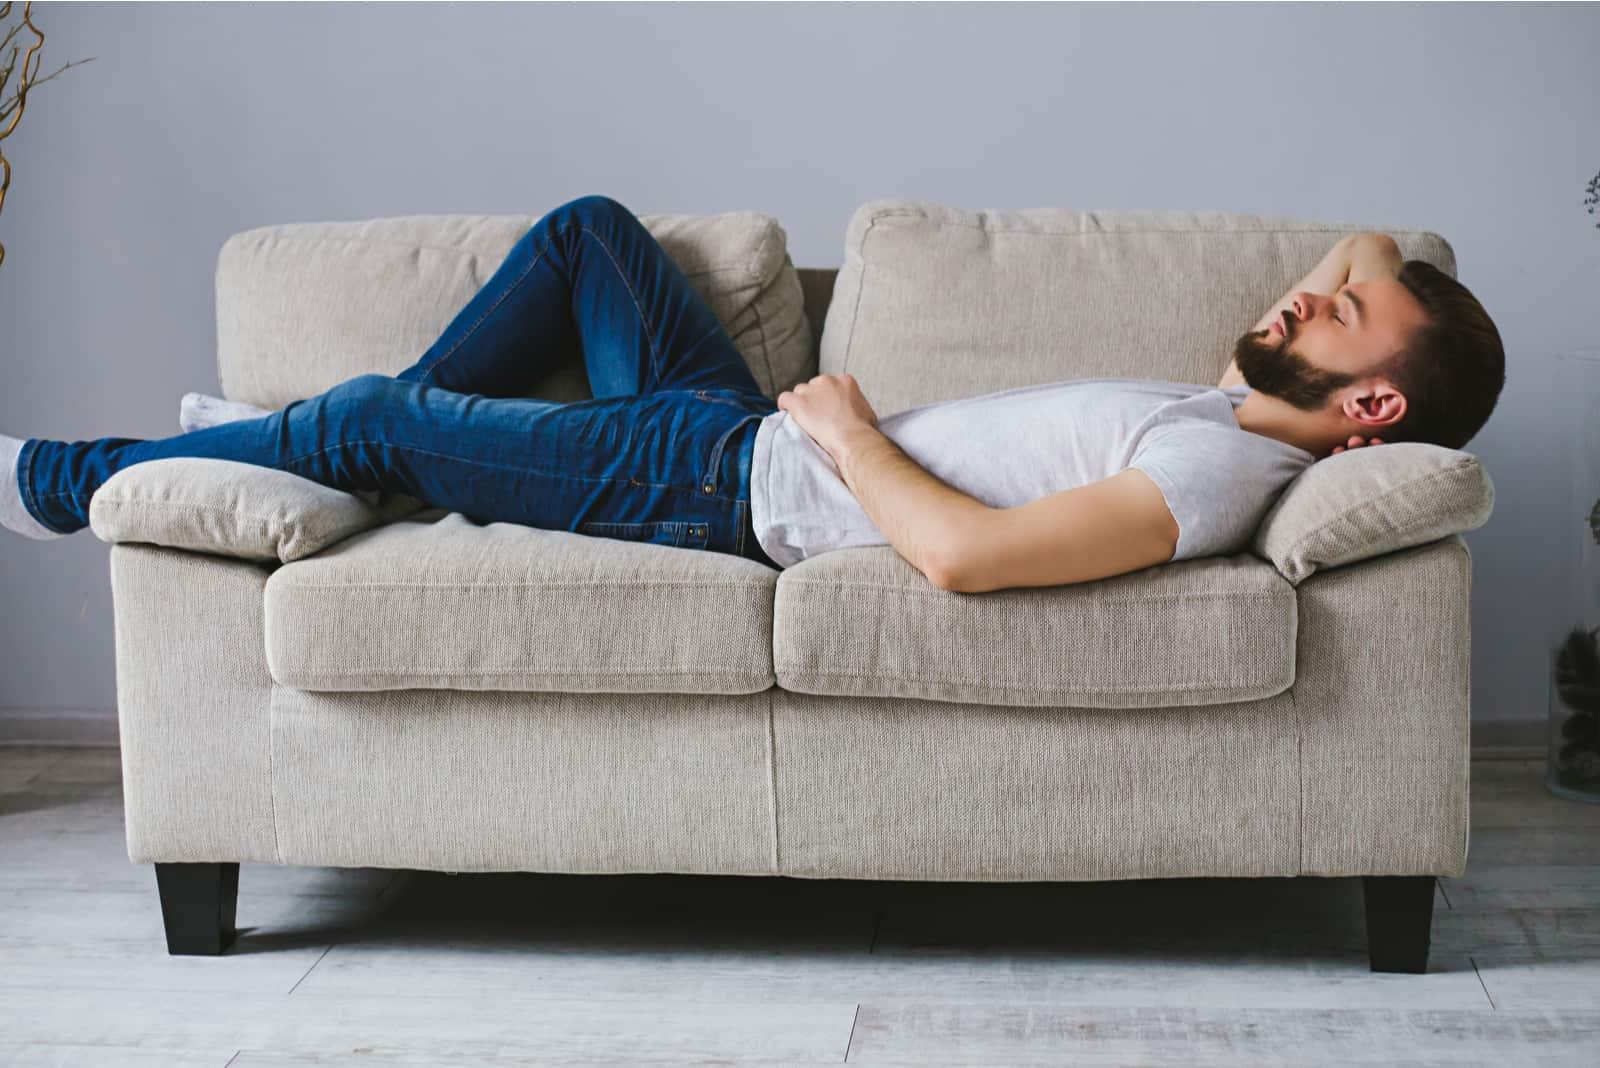 l'homme est allongé sur le canapé les yeux fermés